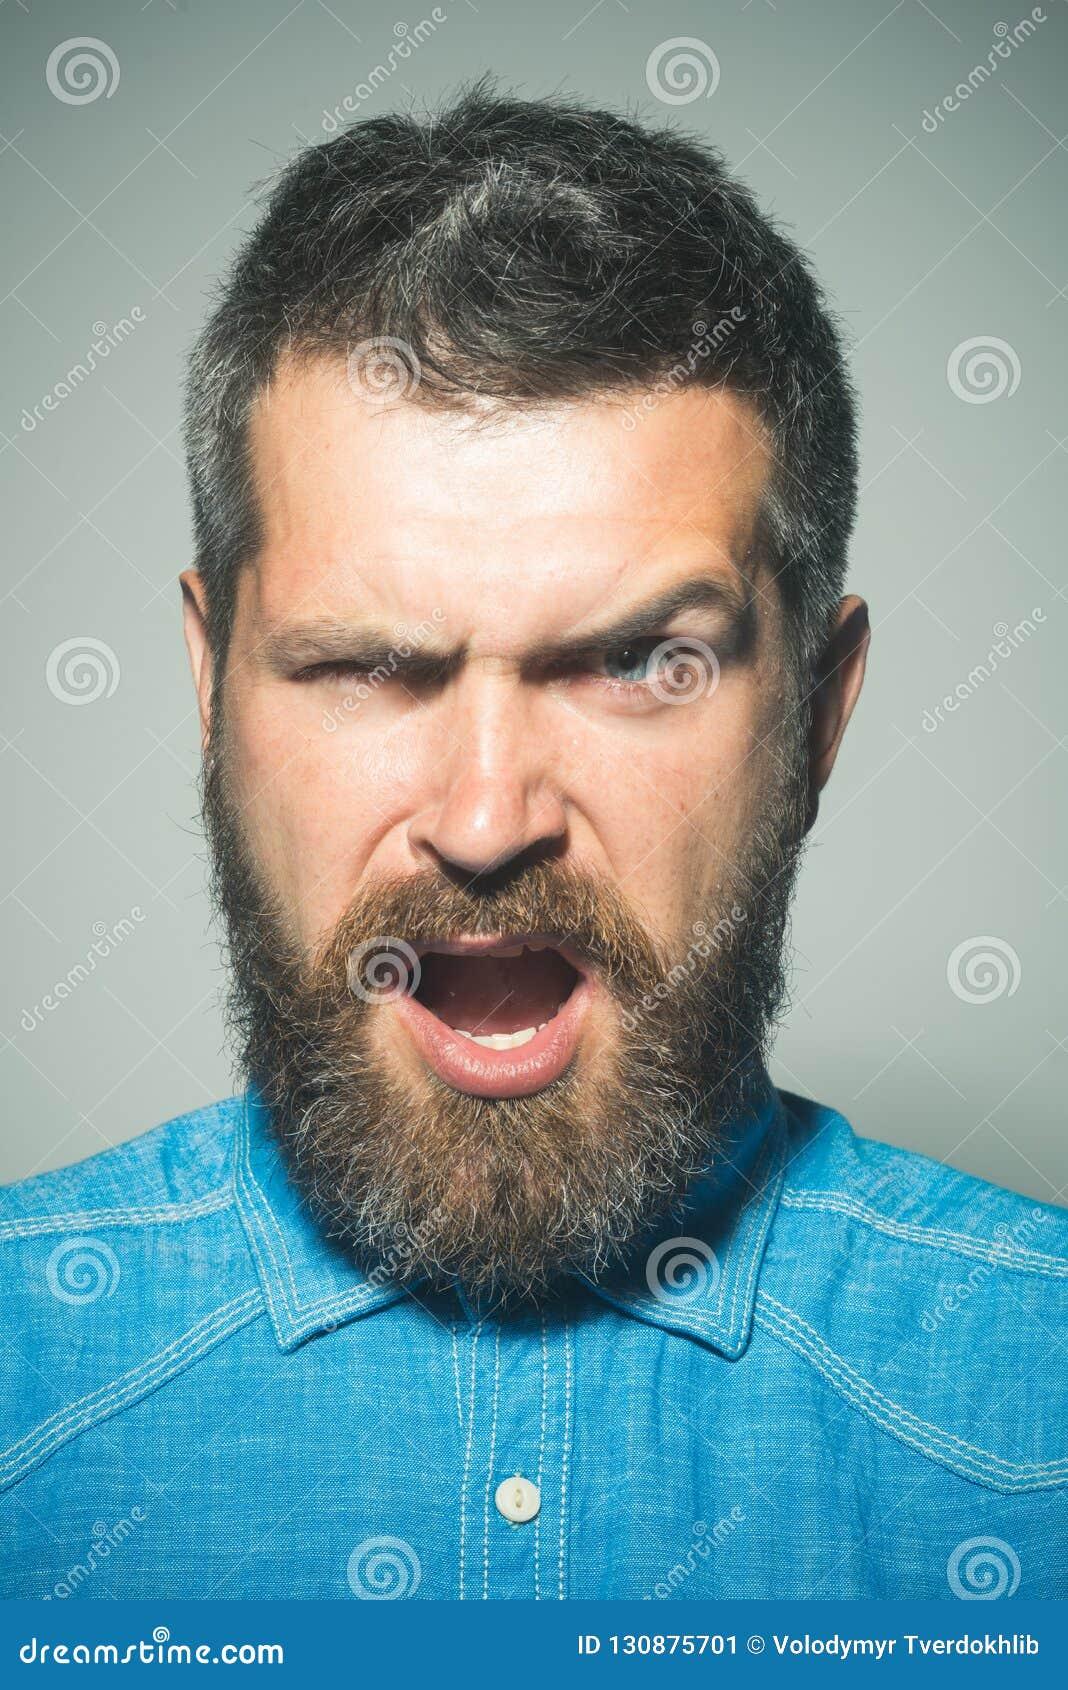 Στη γενειάδα ή όχι στη γενειάδα Άτομο με τη γενειάδα και mustache bearded man Άτομο της μόδας Τάση μόδας γενειάδων barbells